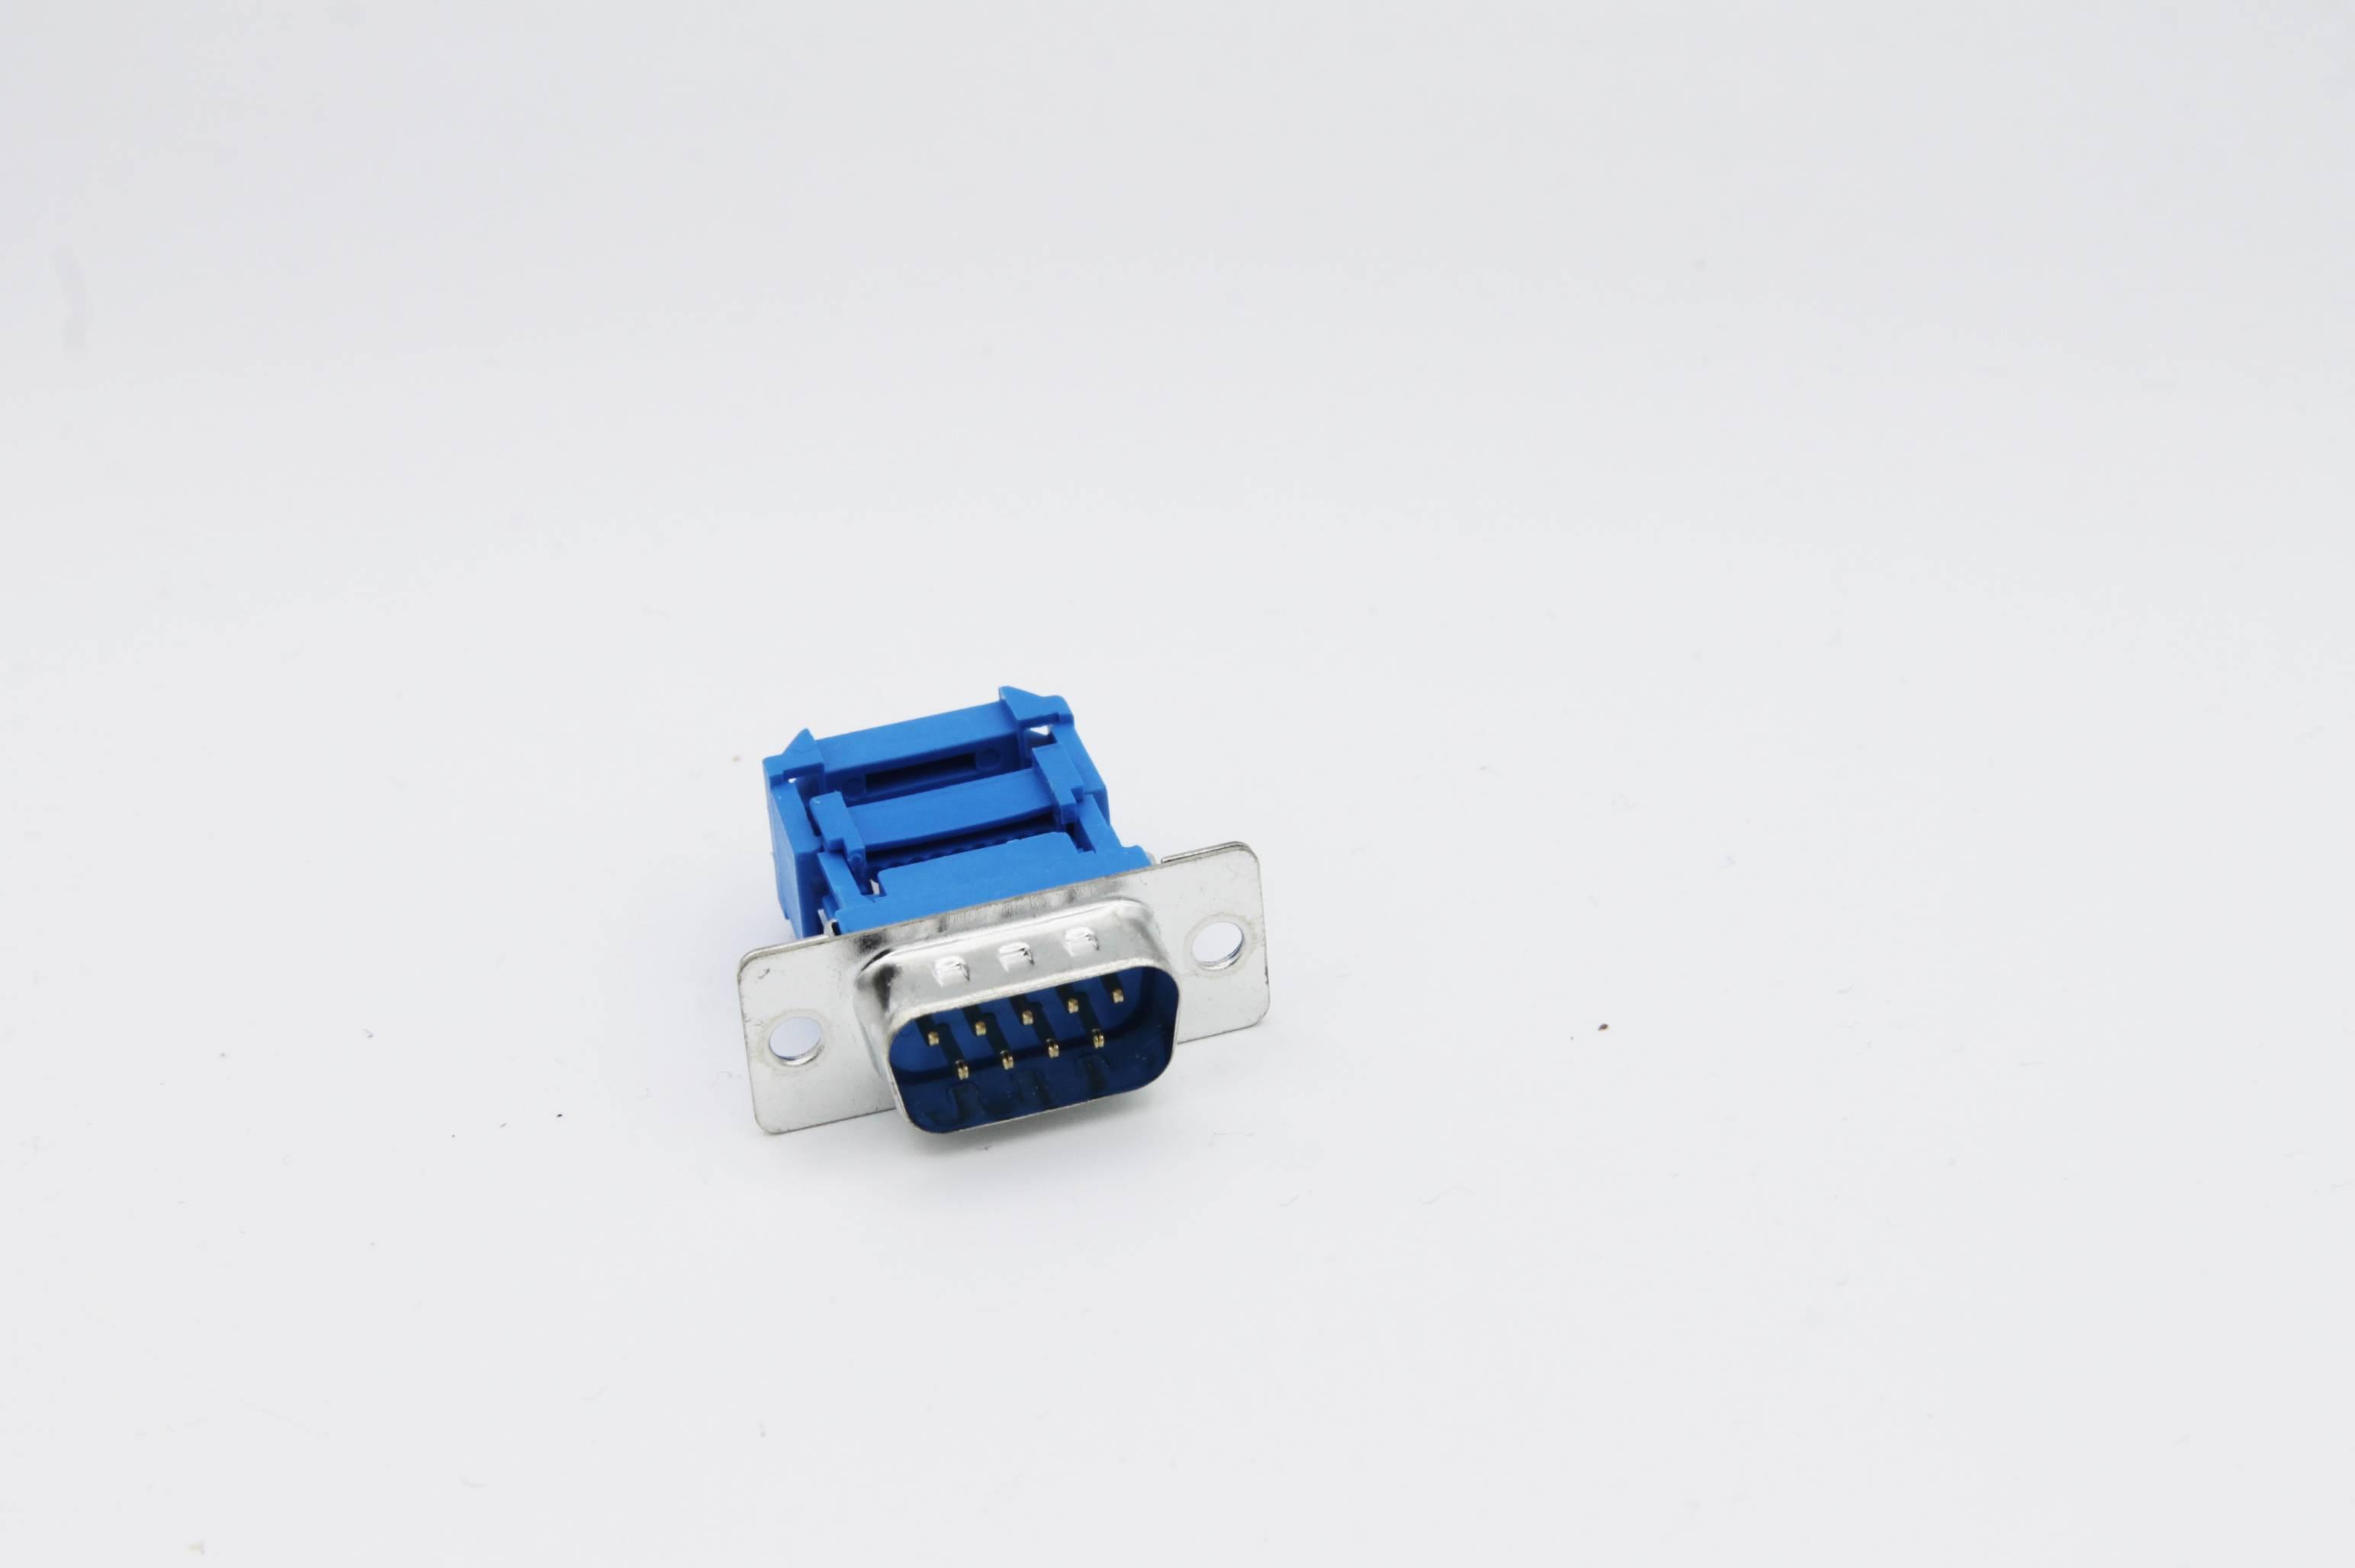 Sub-D-Stiftleiste 9-polig für Flachbandkabel